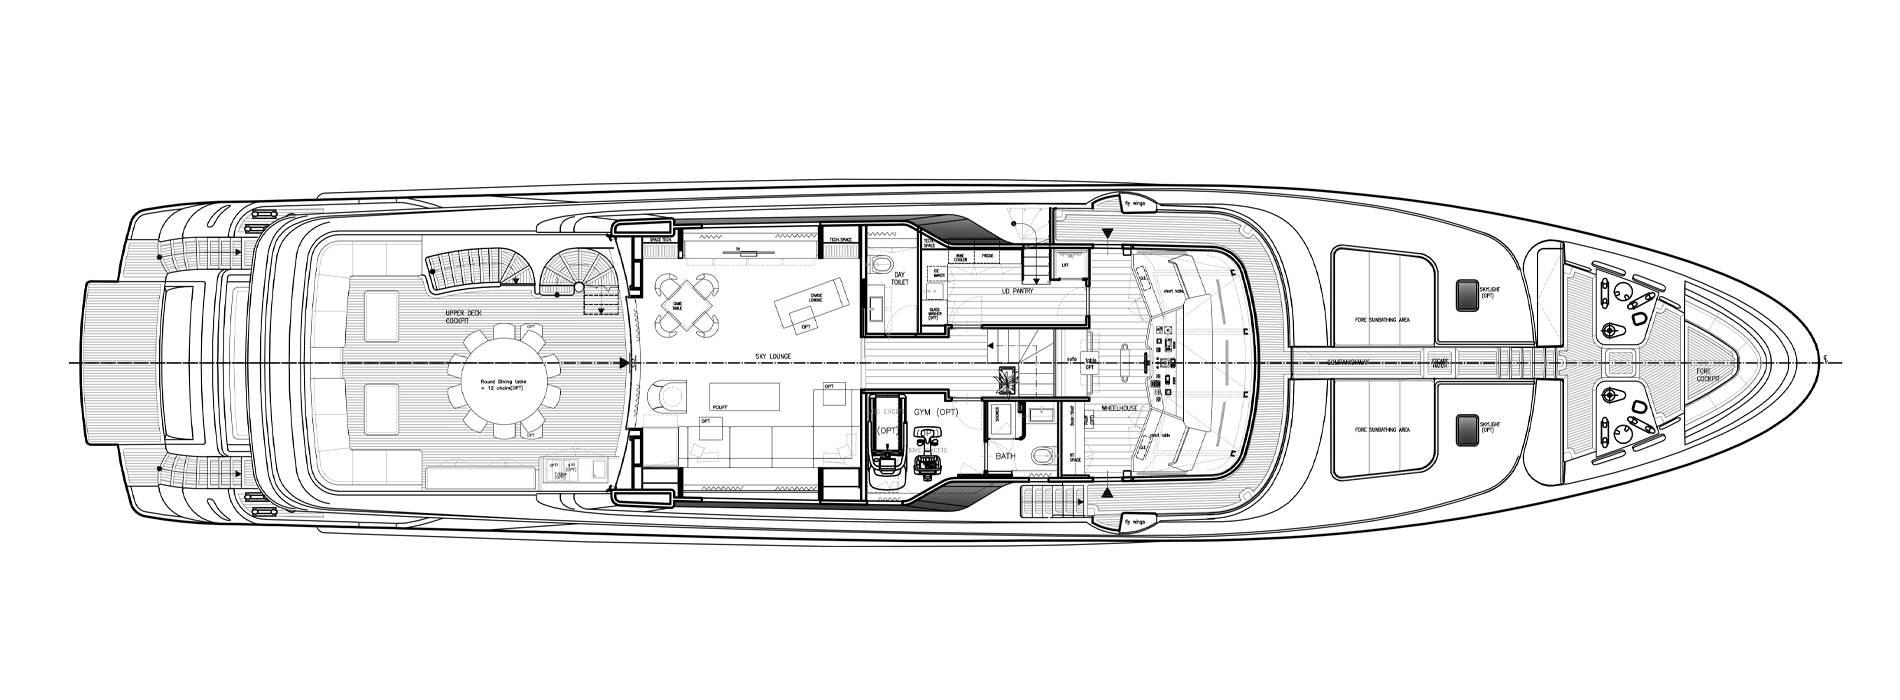 Sanlorenzo Yachts SD122-27 under offer Upper deck